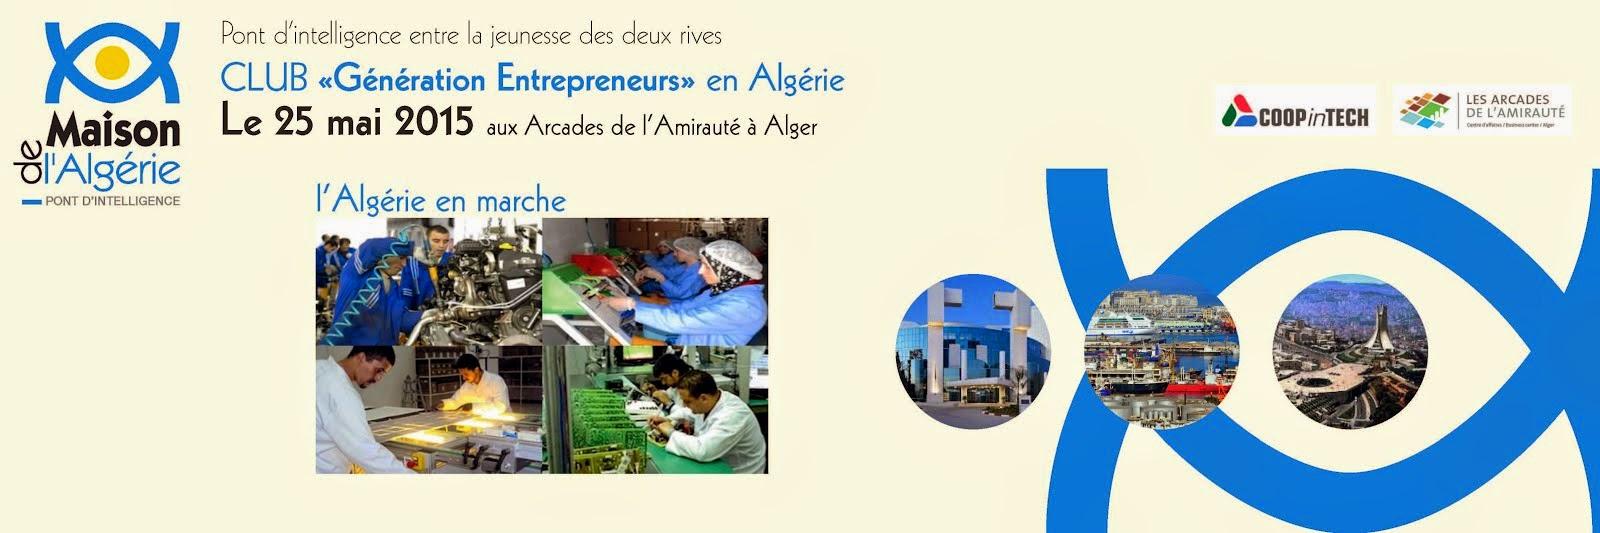 Maison de l'Algérie-Pont d'intelligence